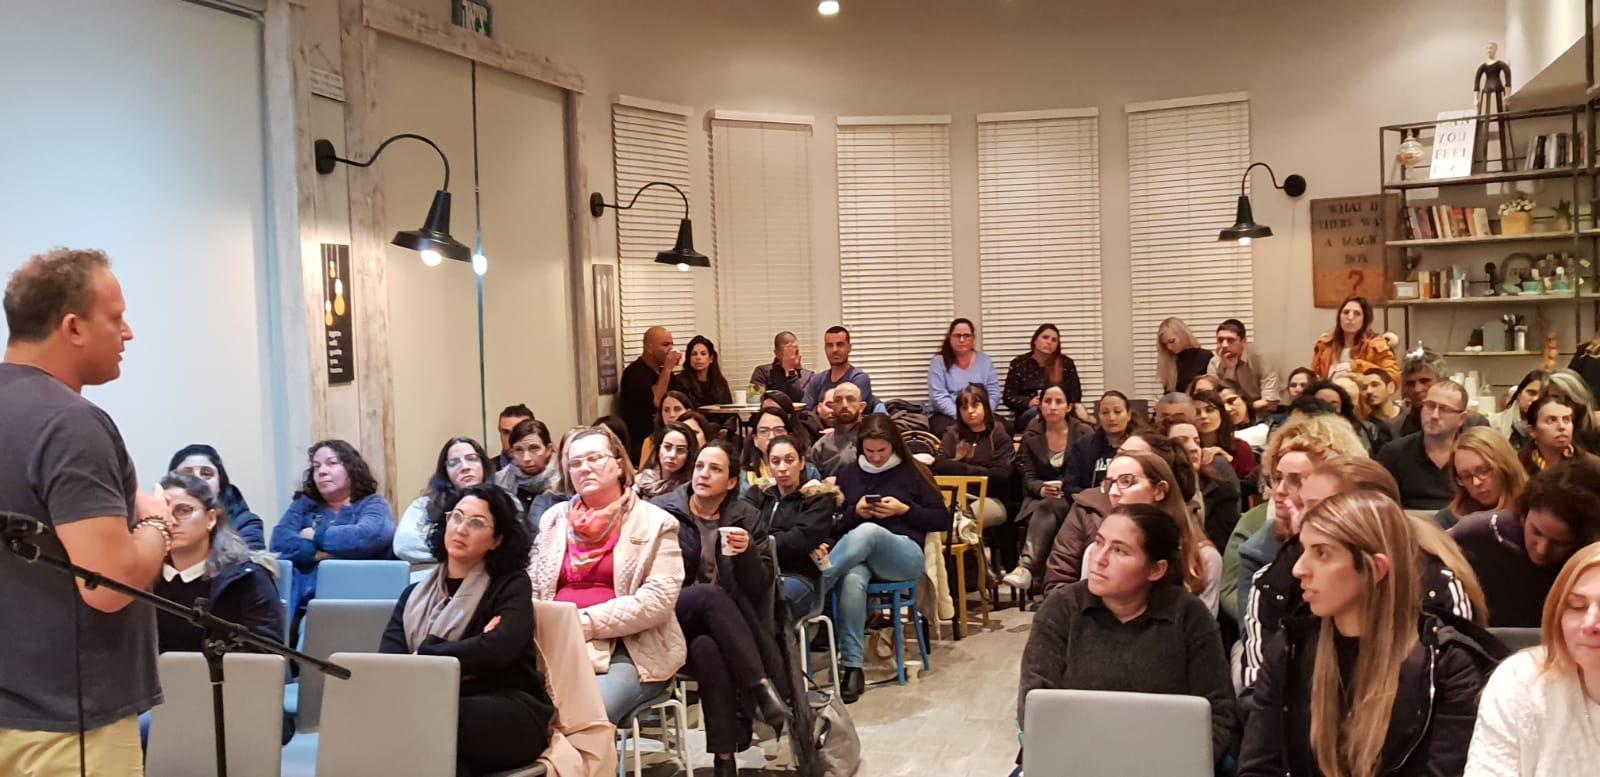 מפגש הורים להקמת בית ספר מונטסורי